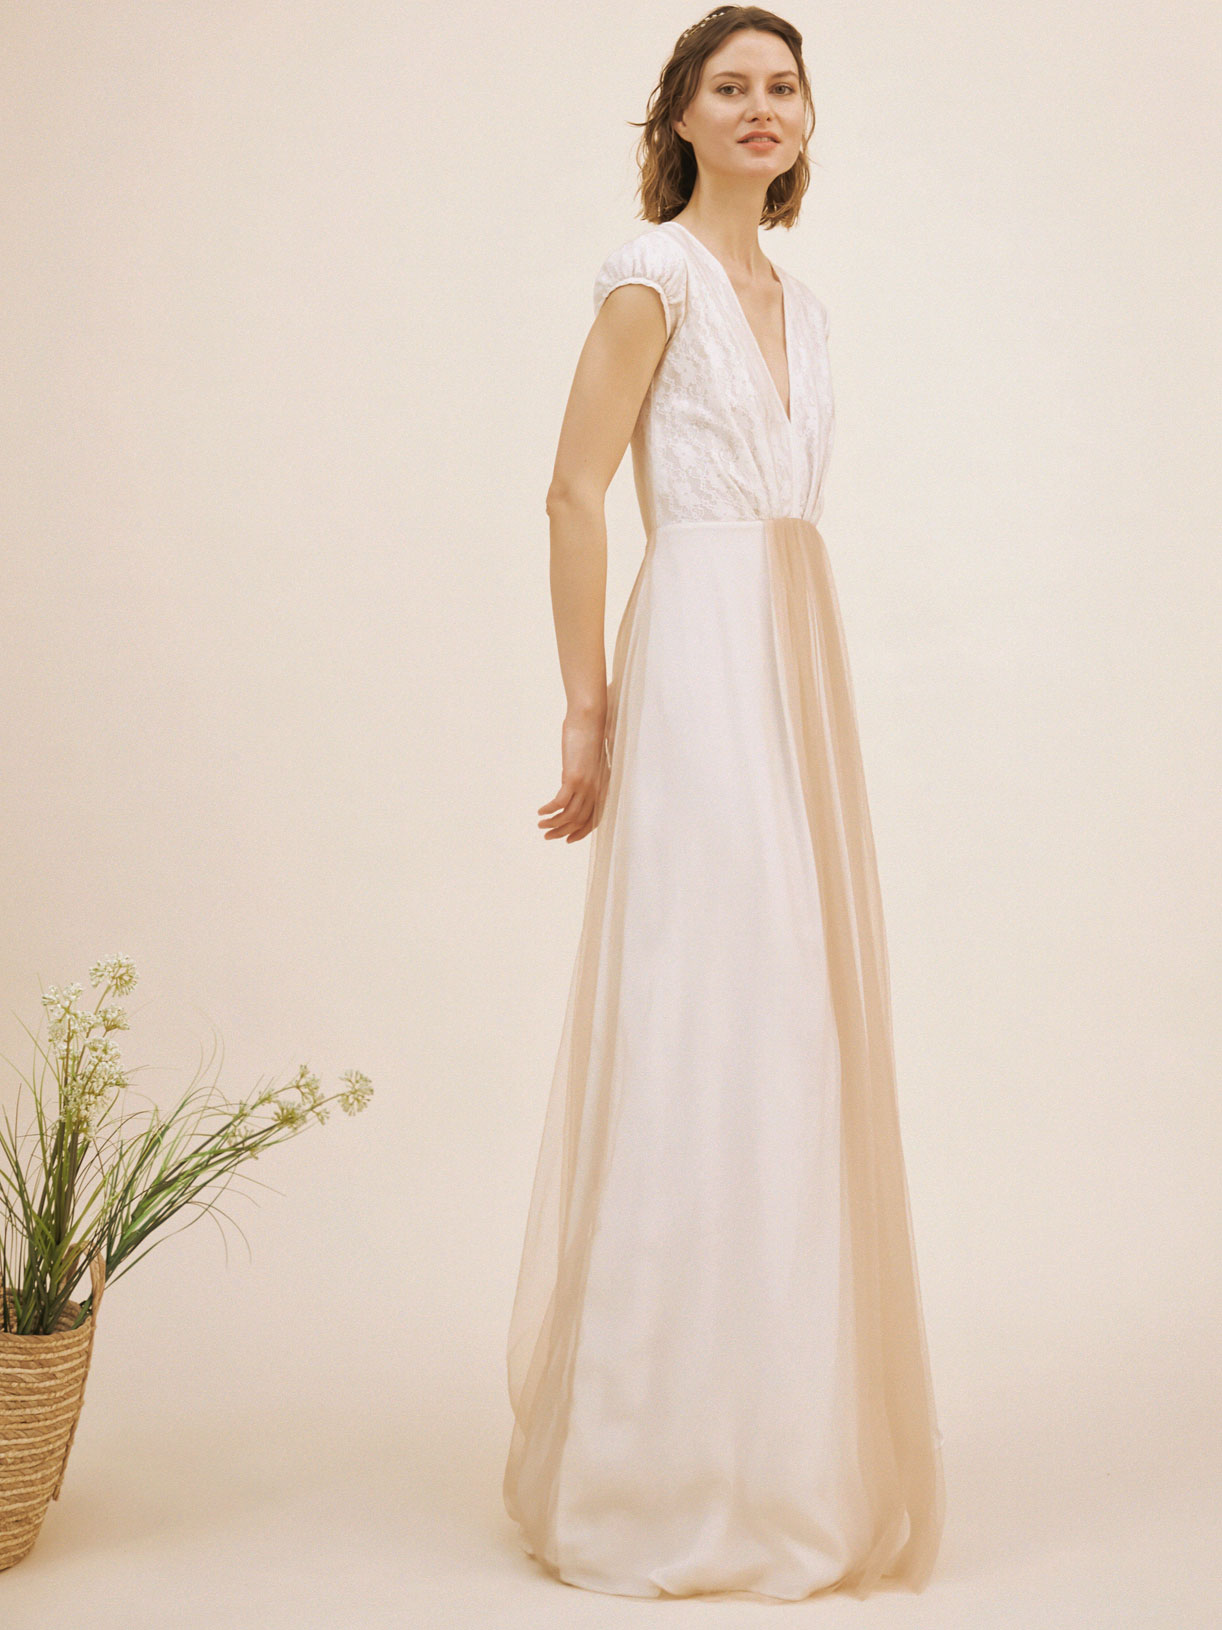 Robe de mariée bohème et romantique écoresponsable - Creatrice de robe de mariée éthique et bio a Paris - Myphilosophy